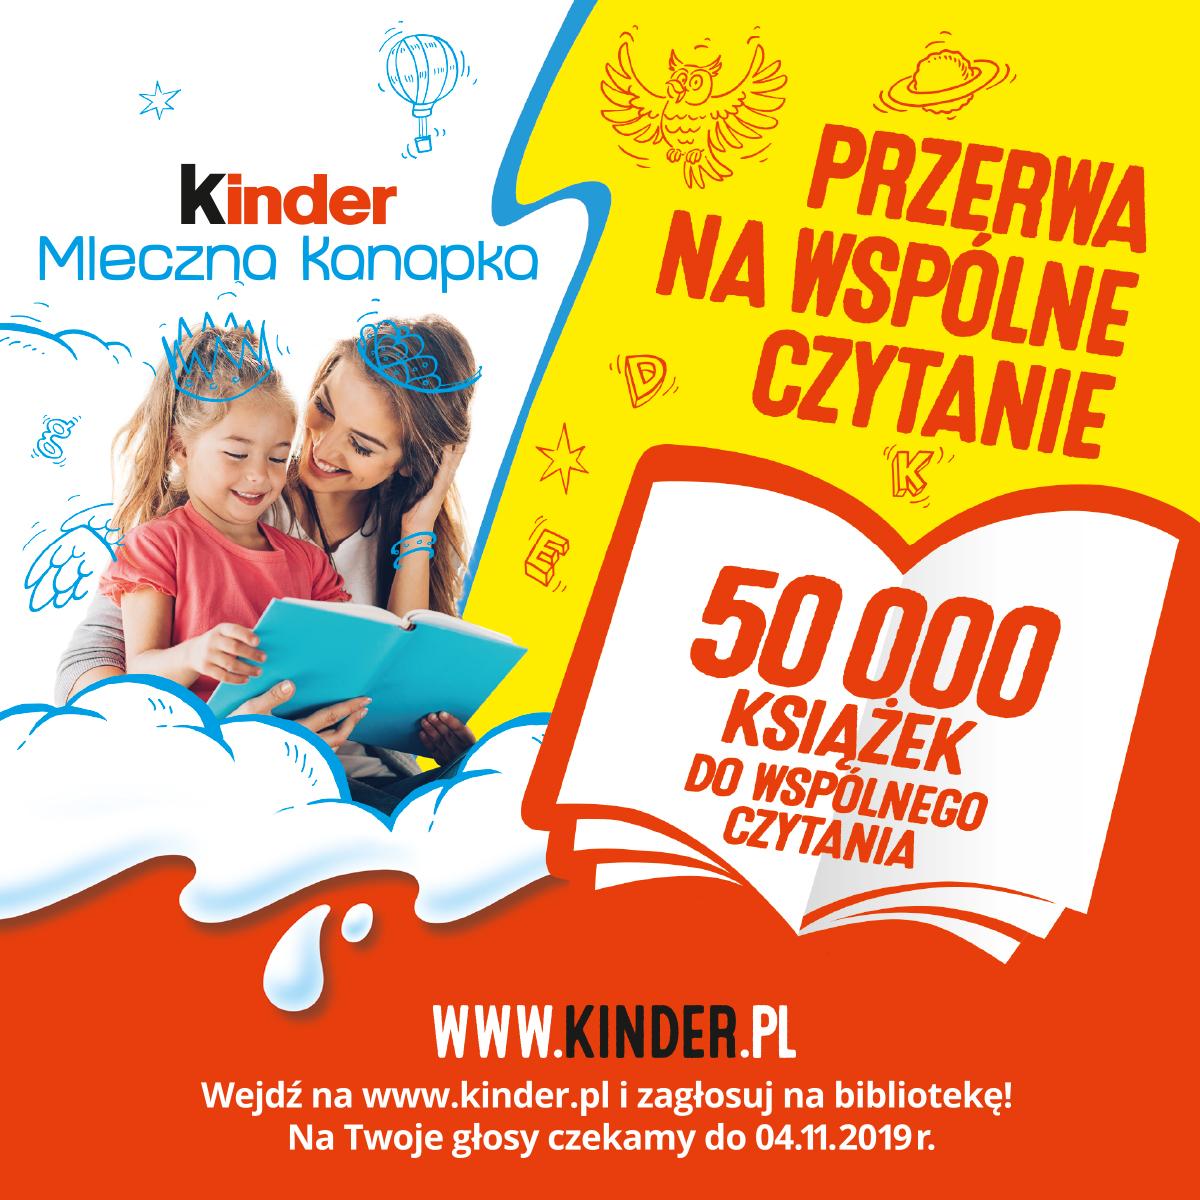 Zagłosuj naGminną Bibliotekę Publiczną wLesznowoli ipomóż jej wygrać książki dowspólnego czytania